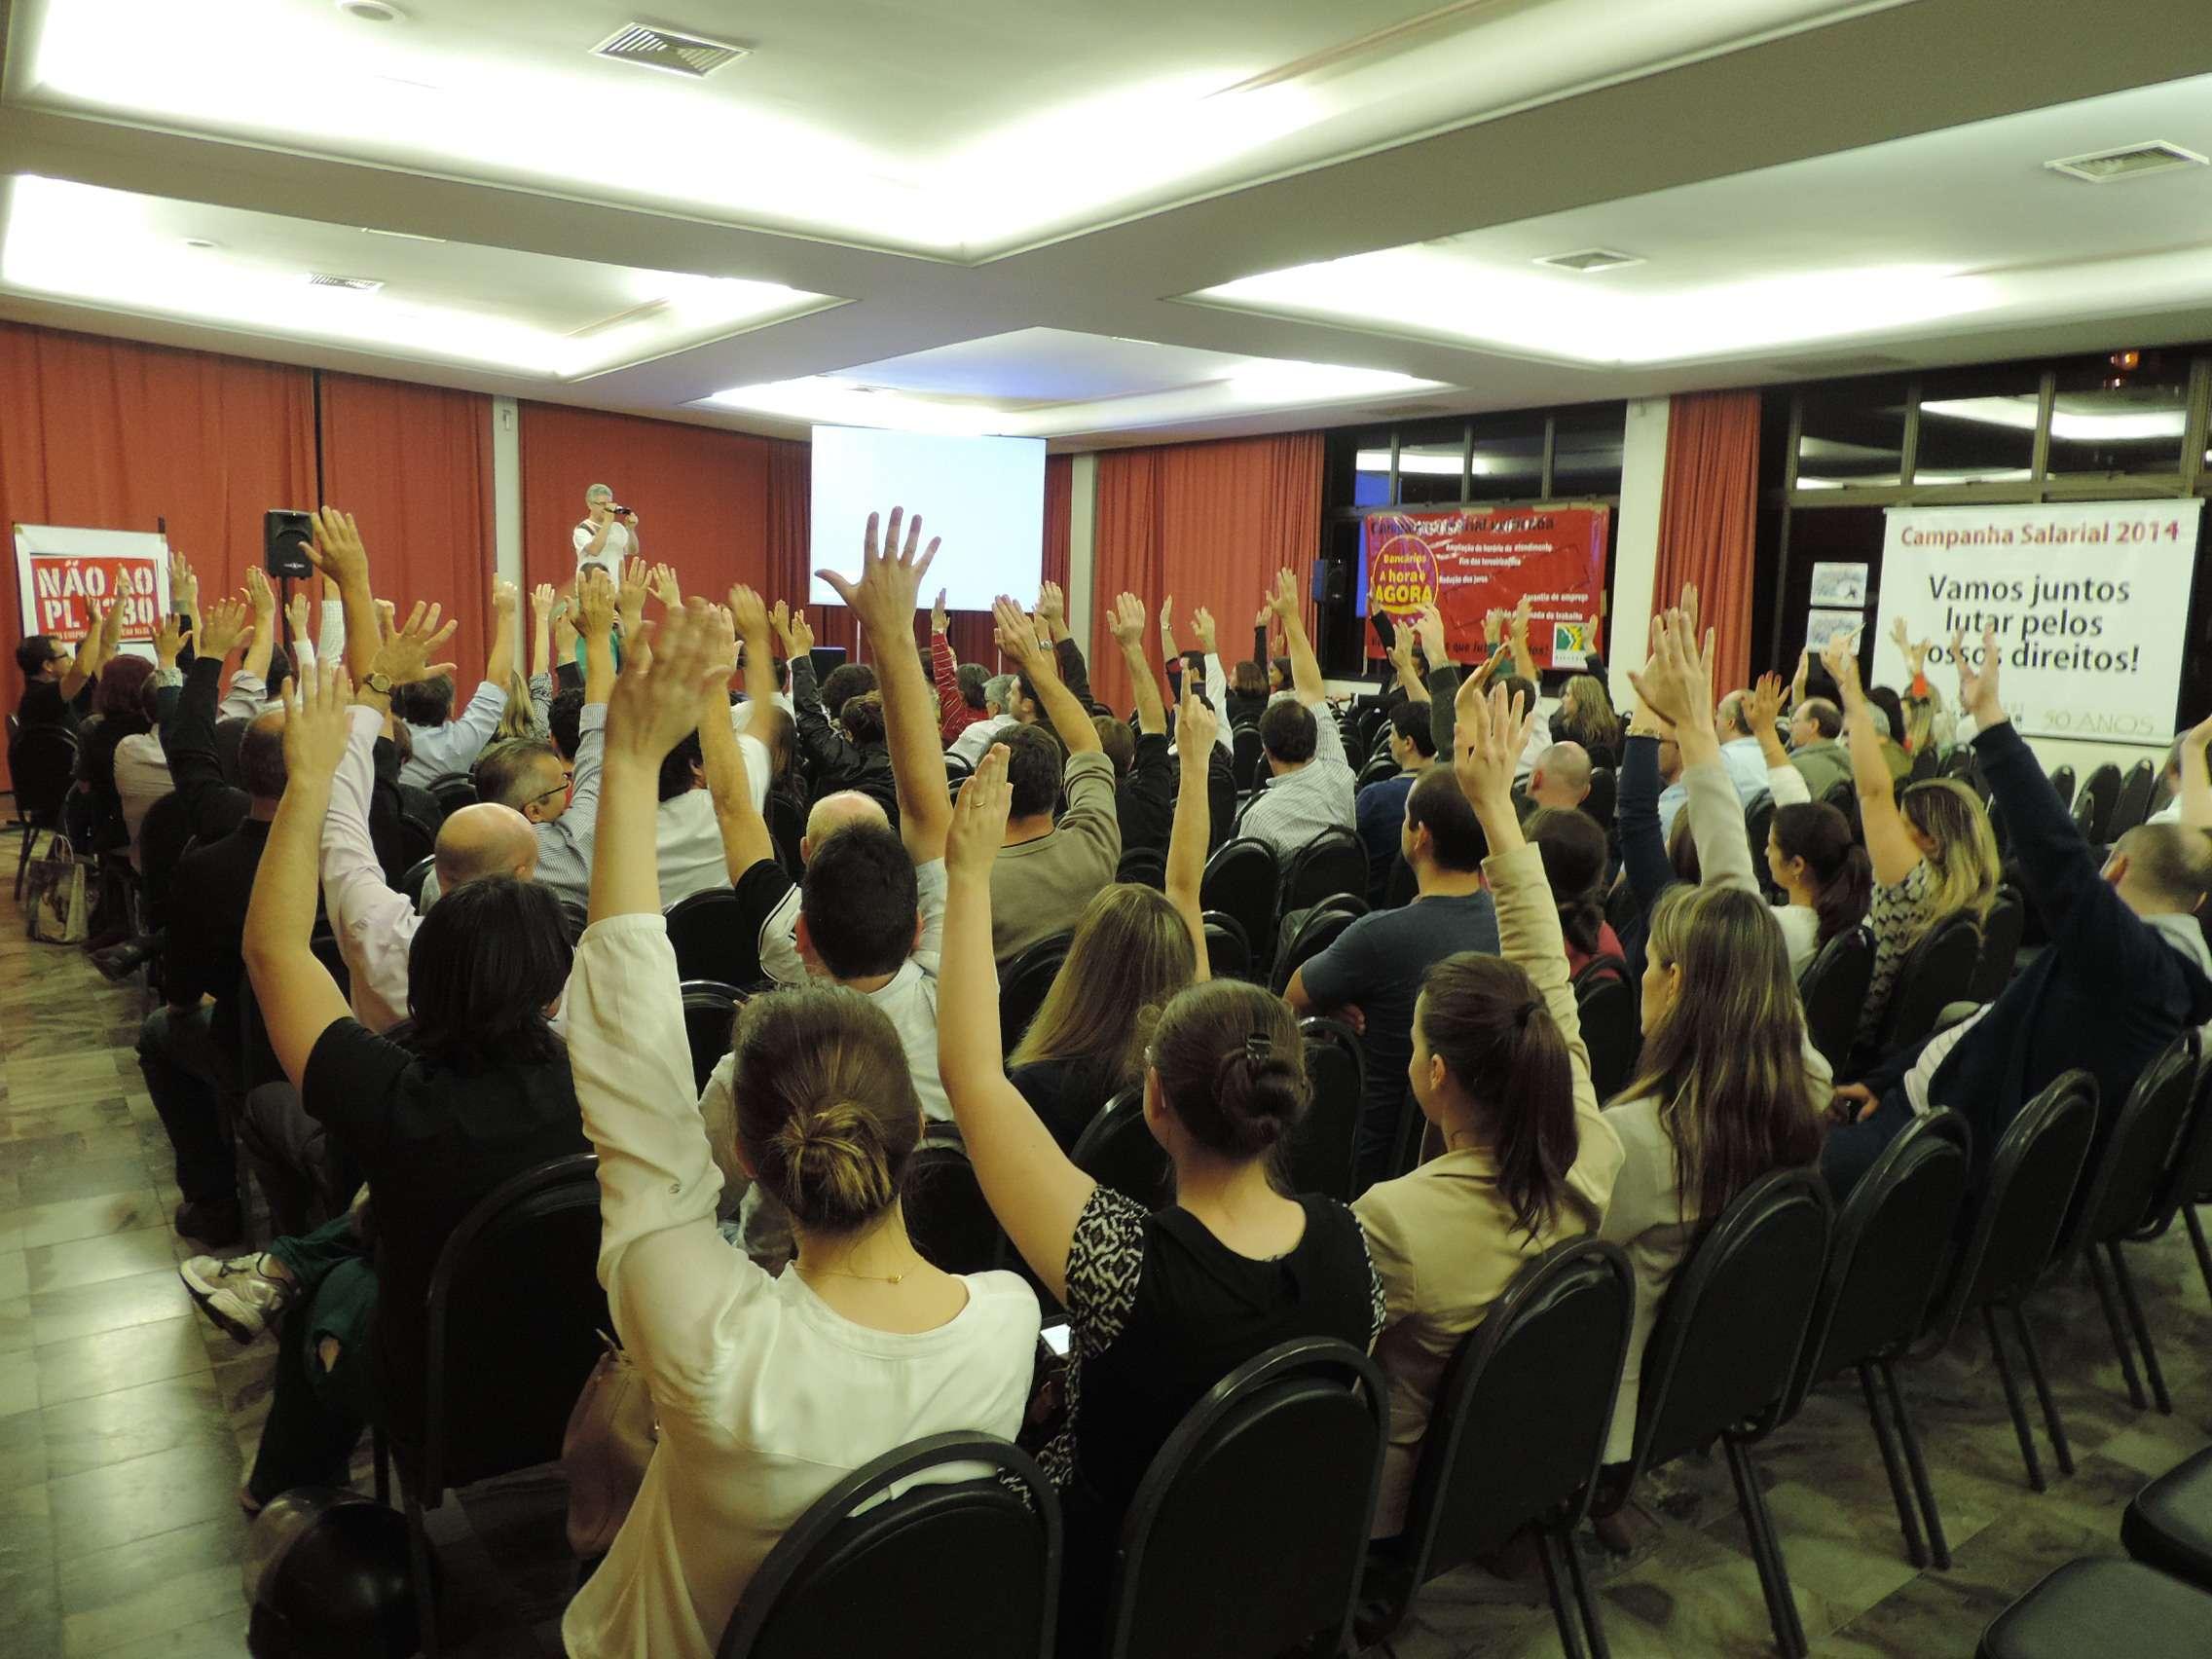 Em Blumenau, Santa Catarina, bancários também votaram pela greve Foto: Jaime Batista da Silva/vc repórter